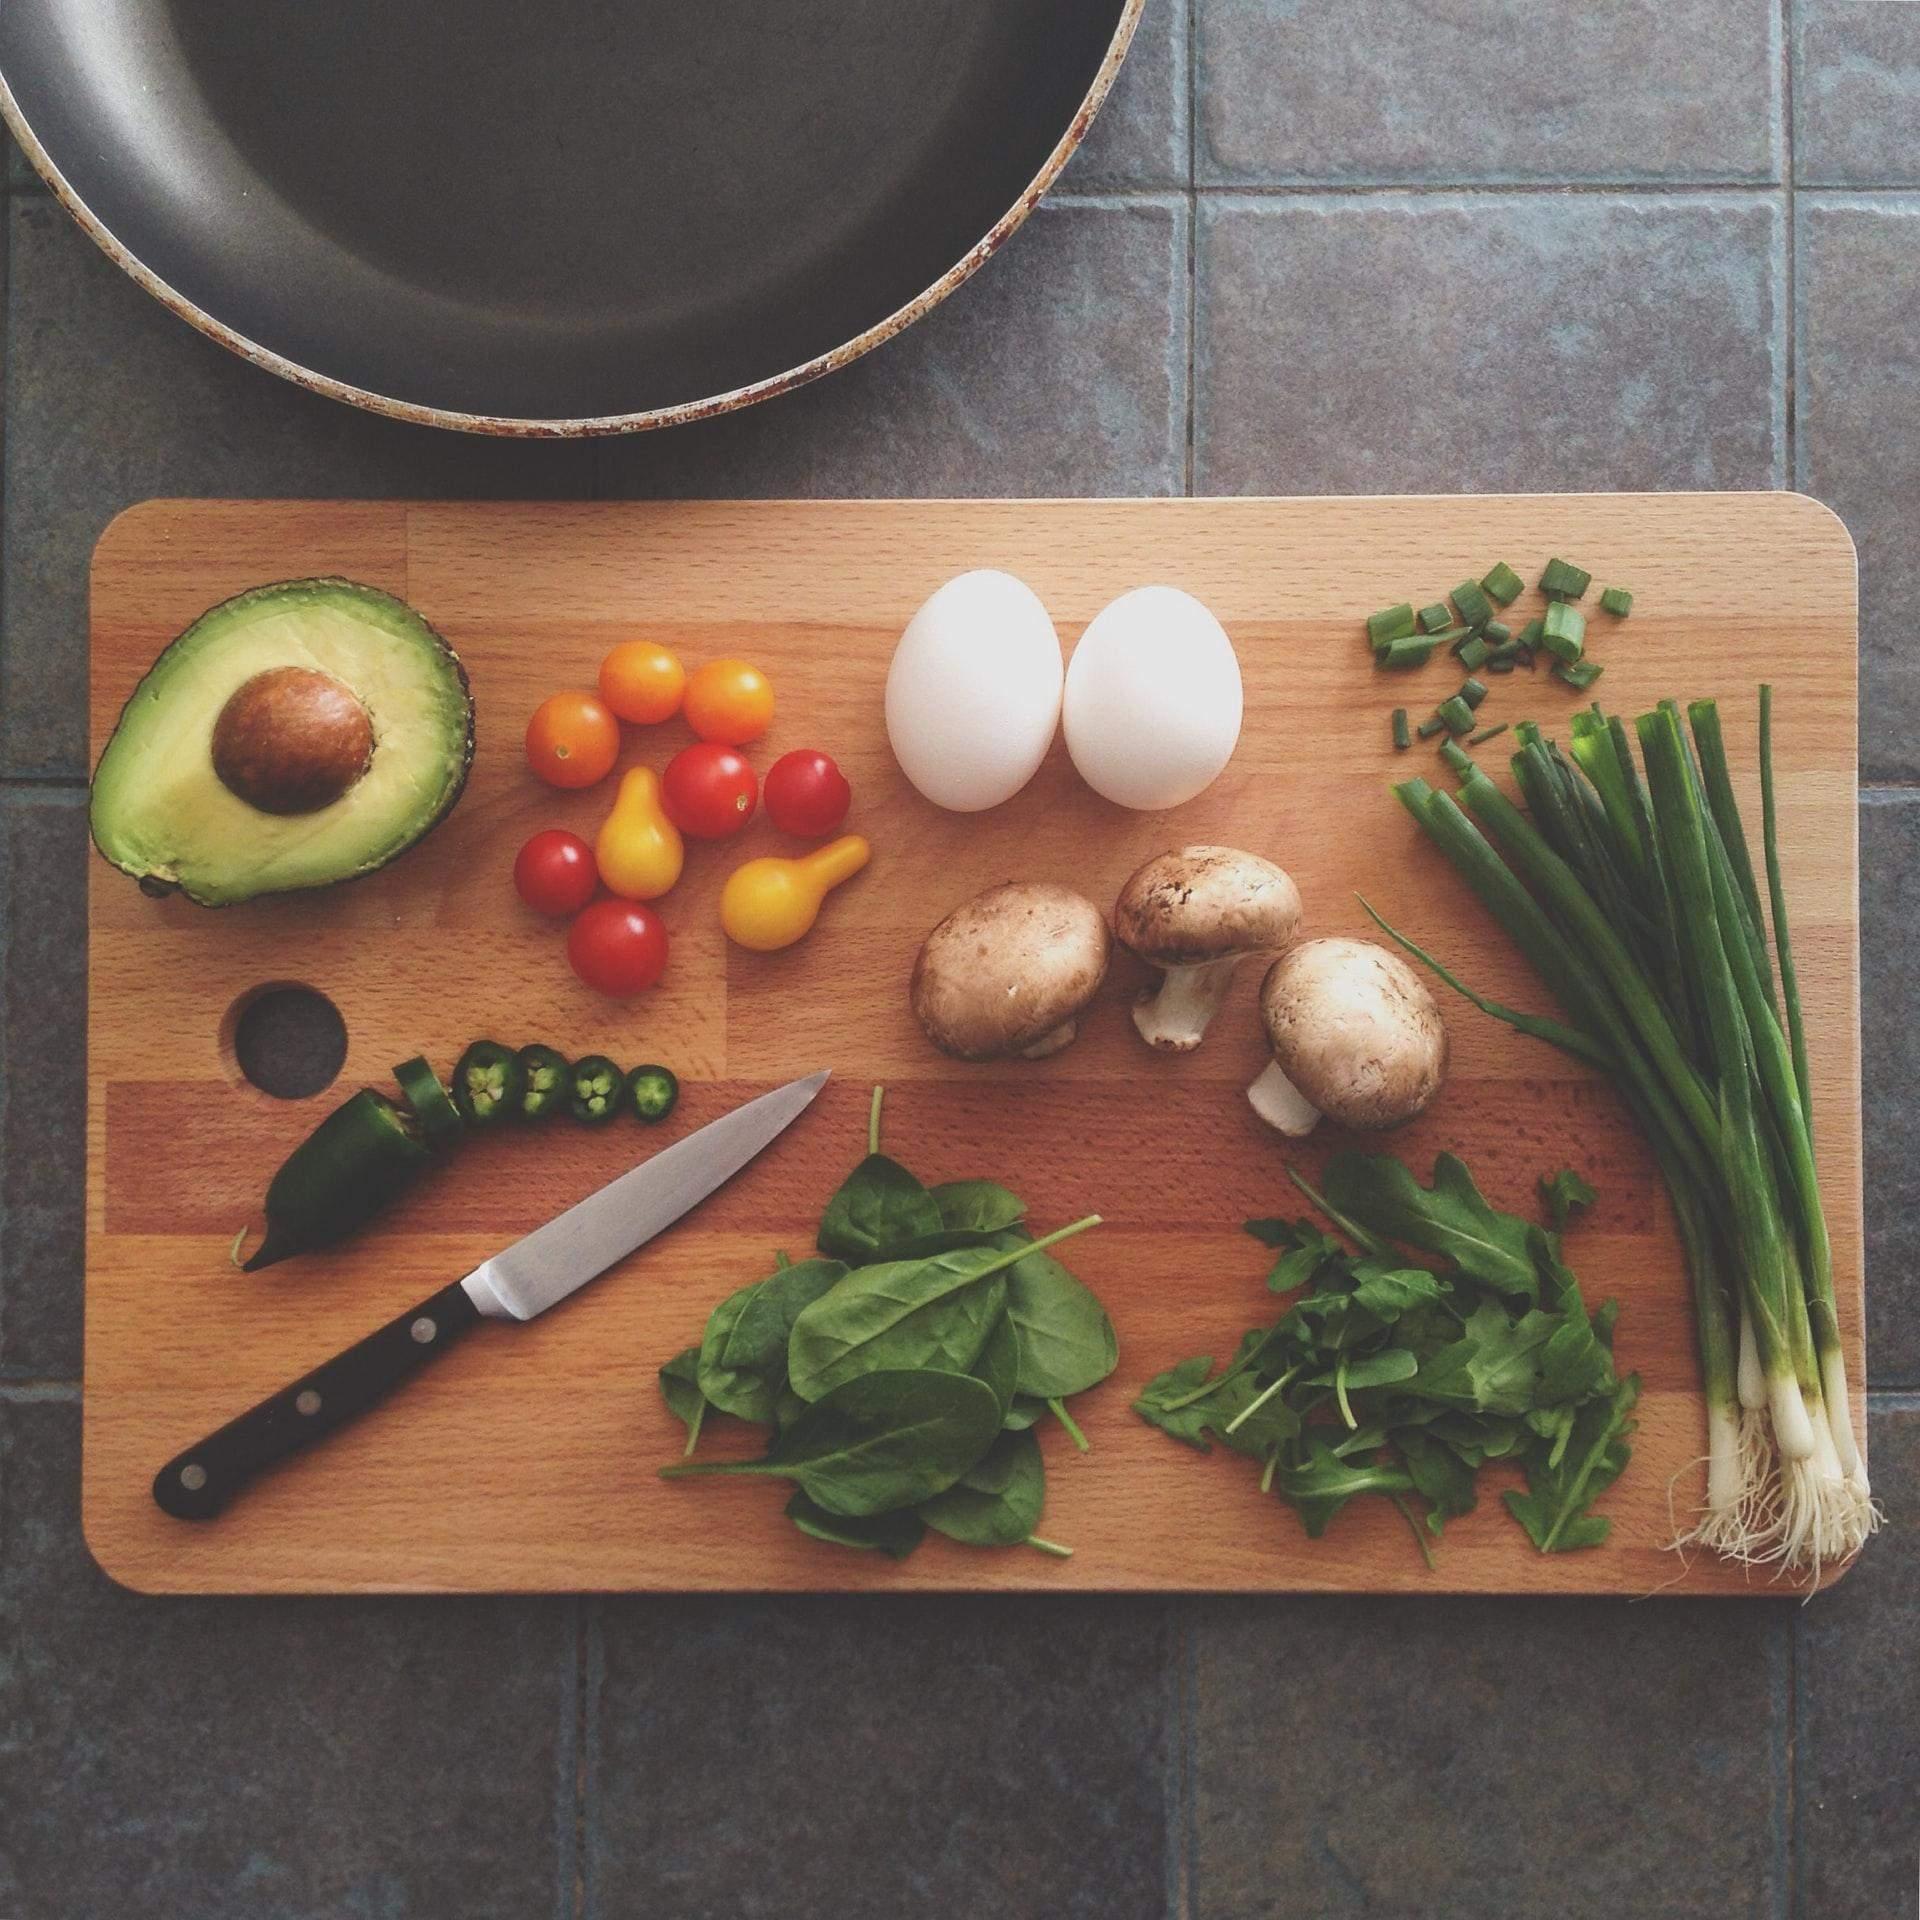 Якщо не створено дефіциту калорій – кето-дієта безсильна